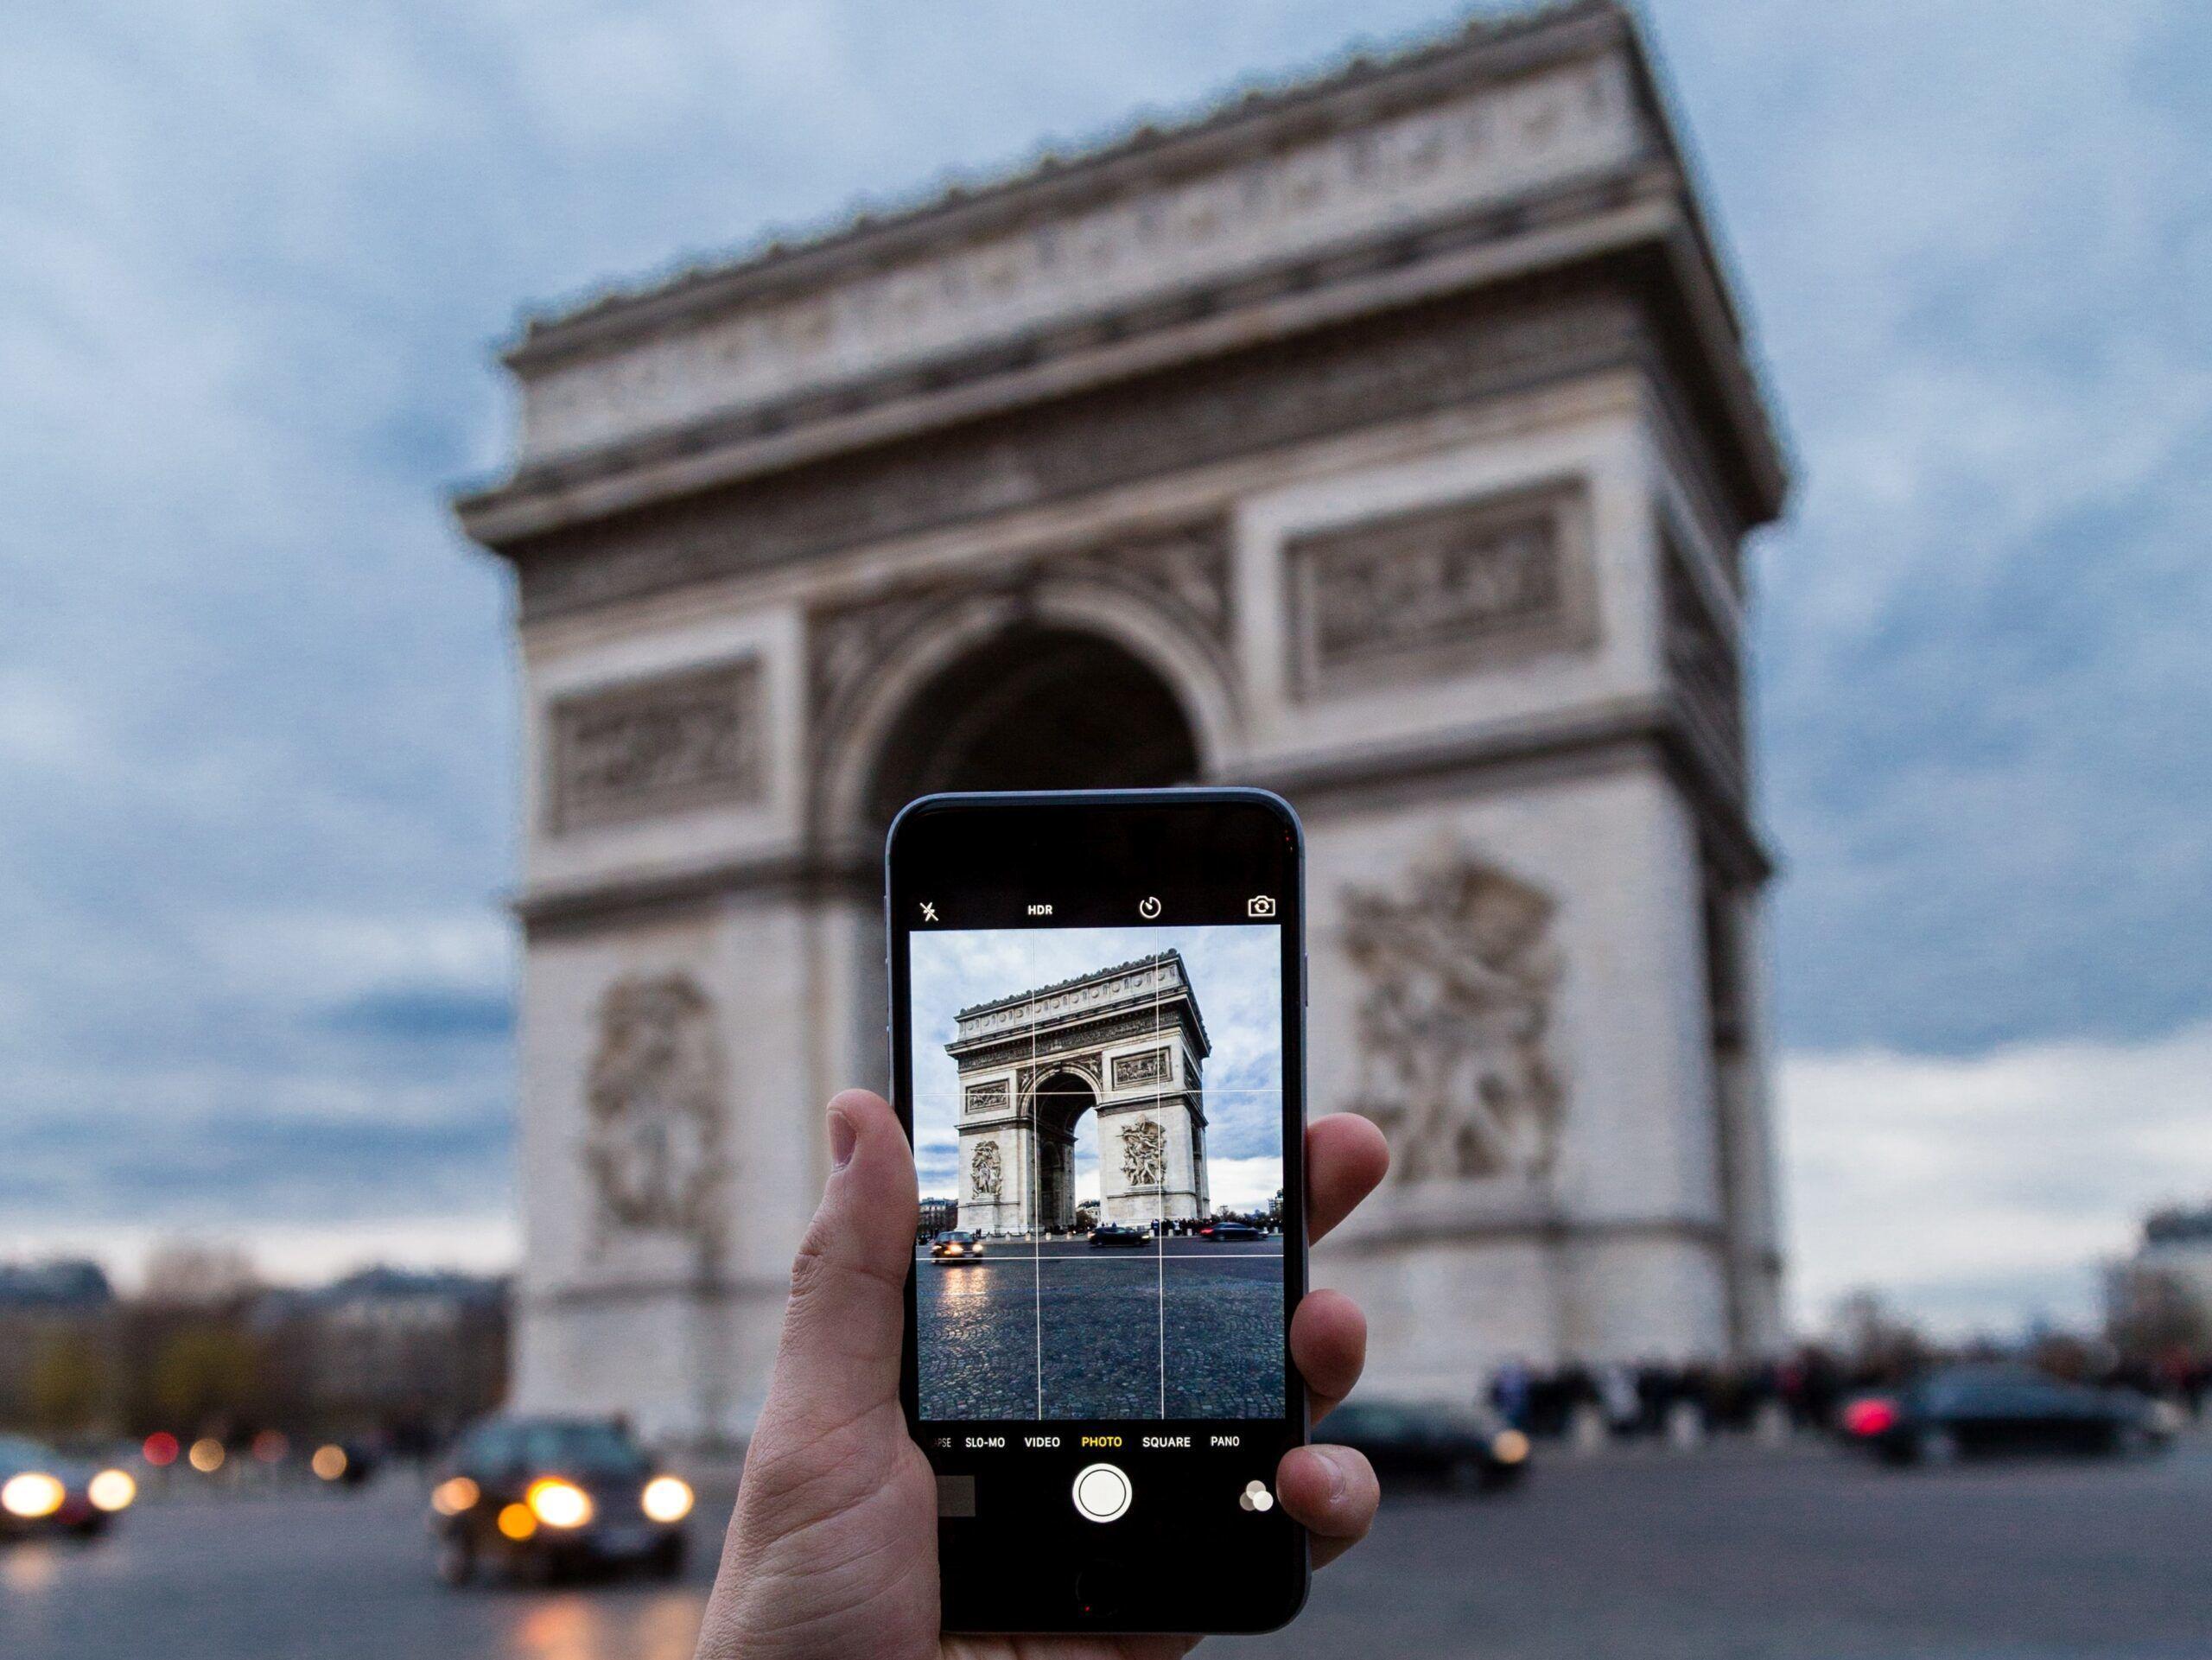 Paris si tu veux (c) Sébastien Gabriel (Unsplash)